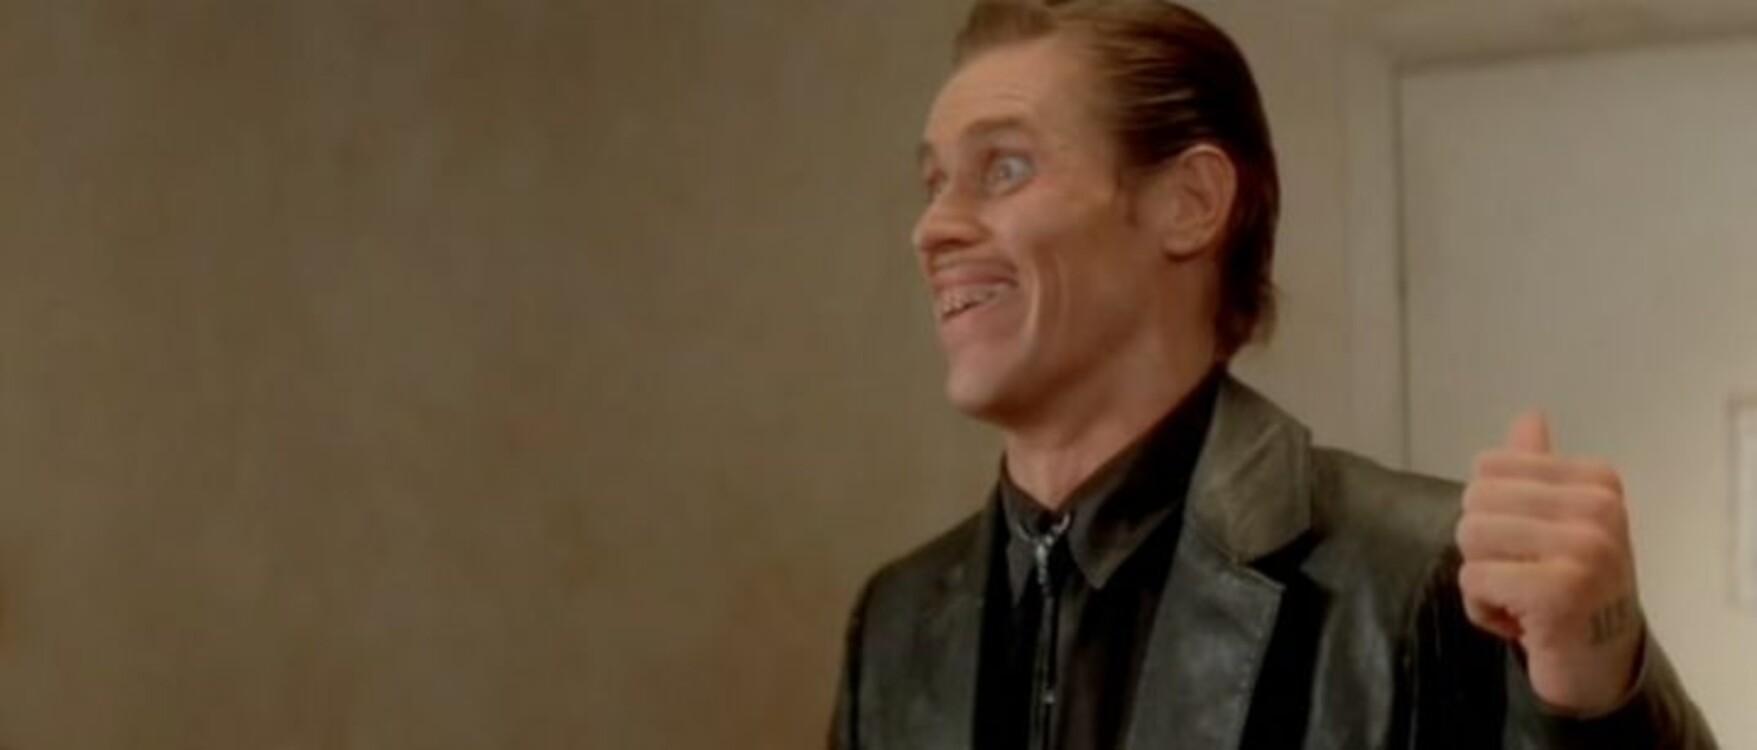 Віллем Дефо у фільмі «Дикі серцем», 1990